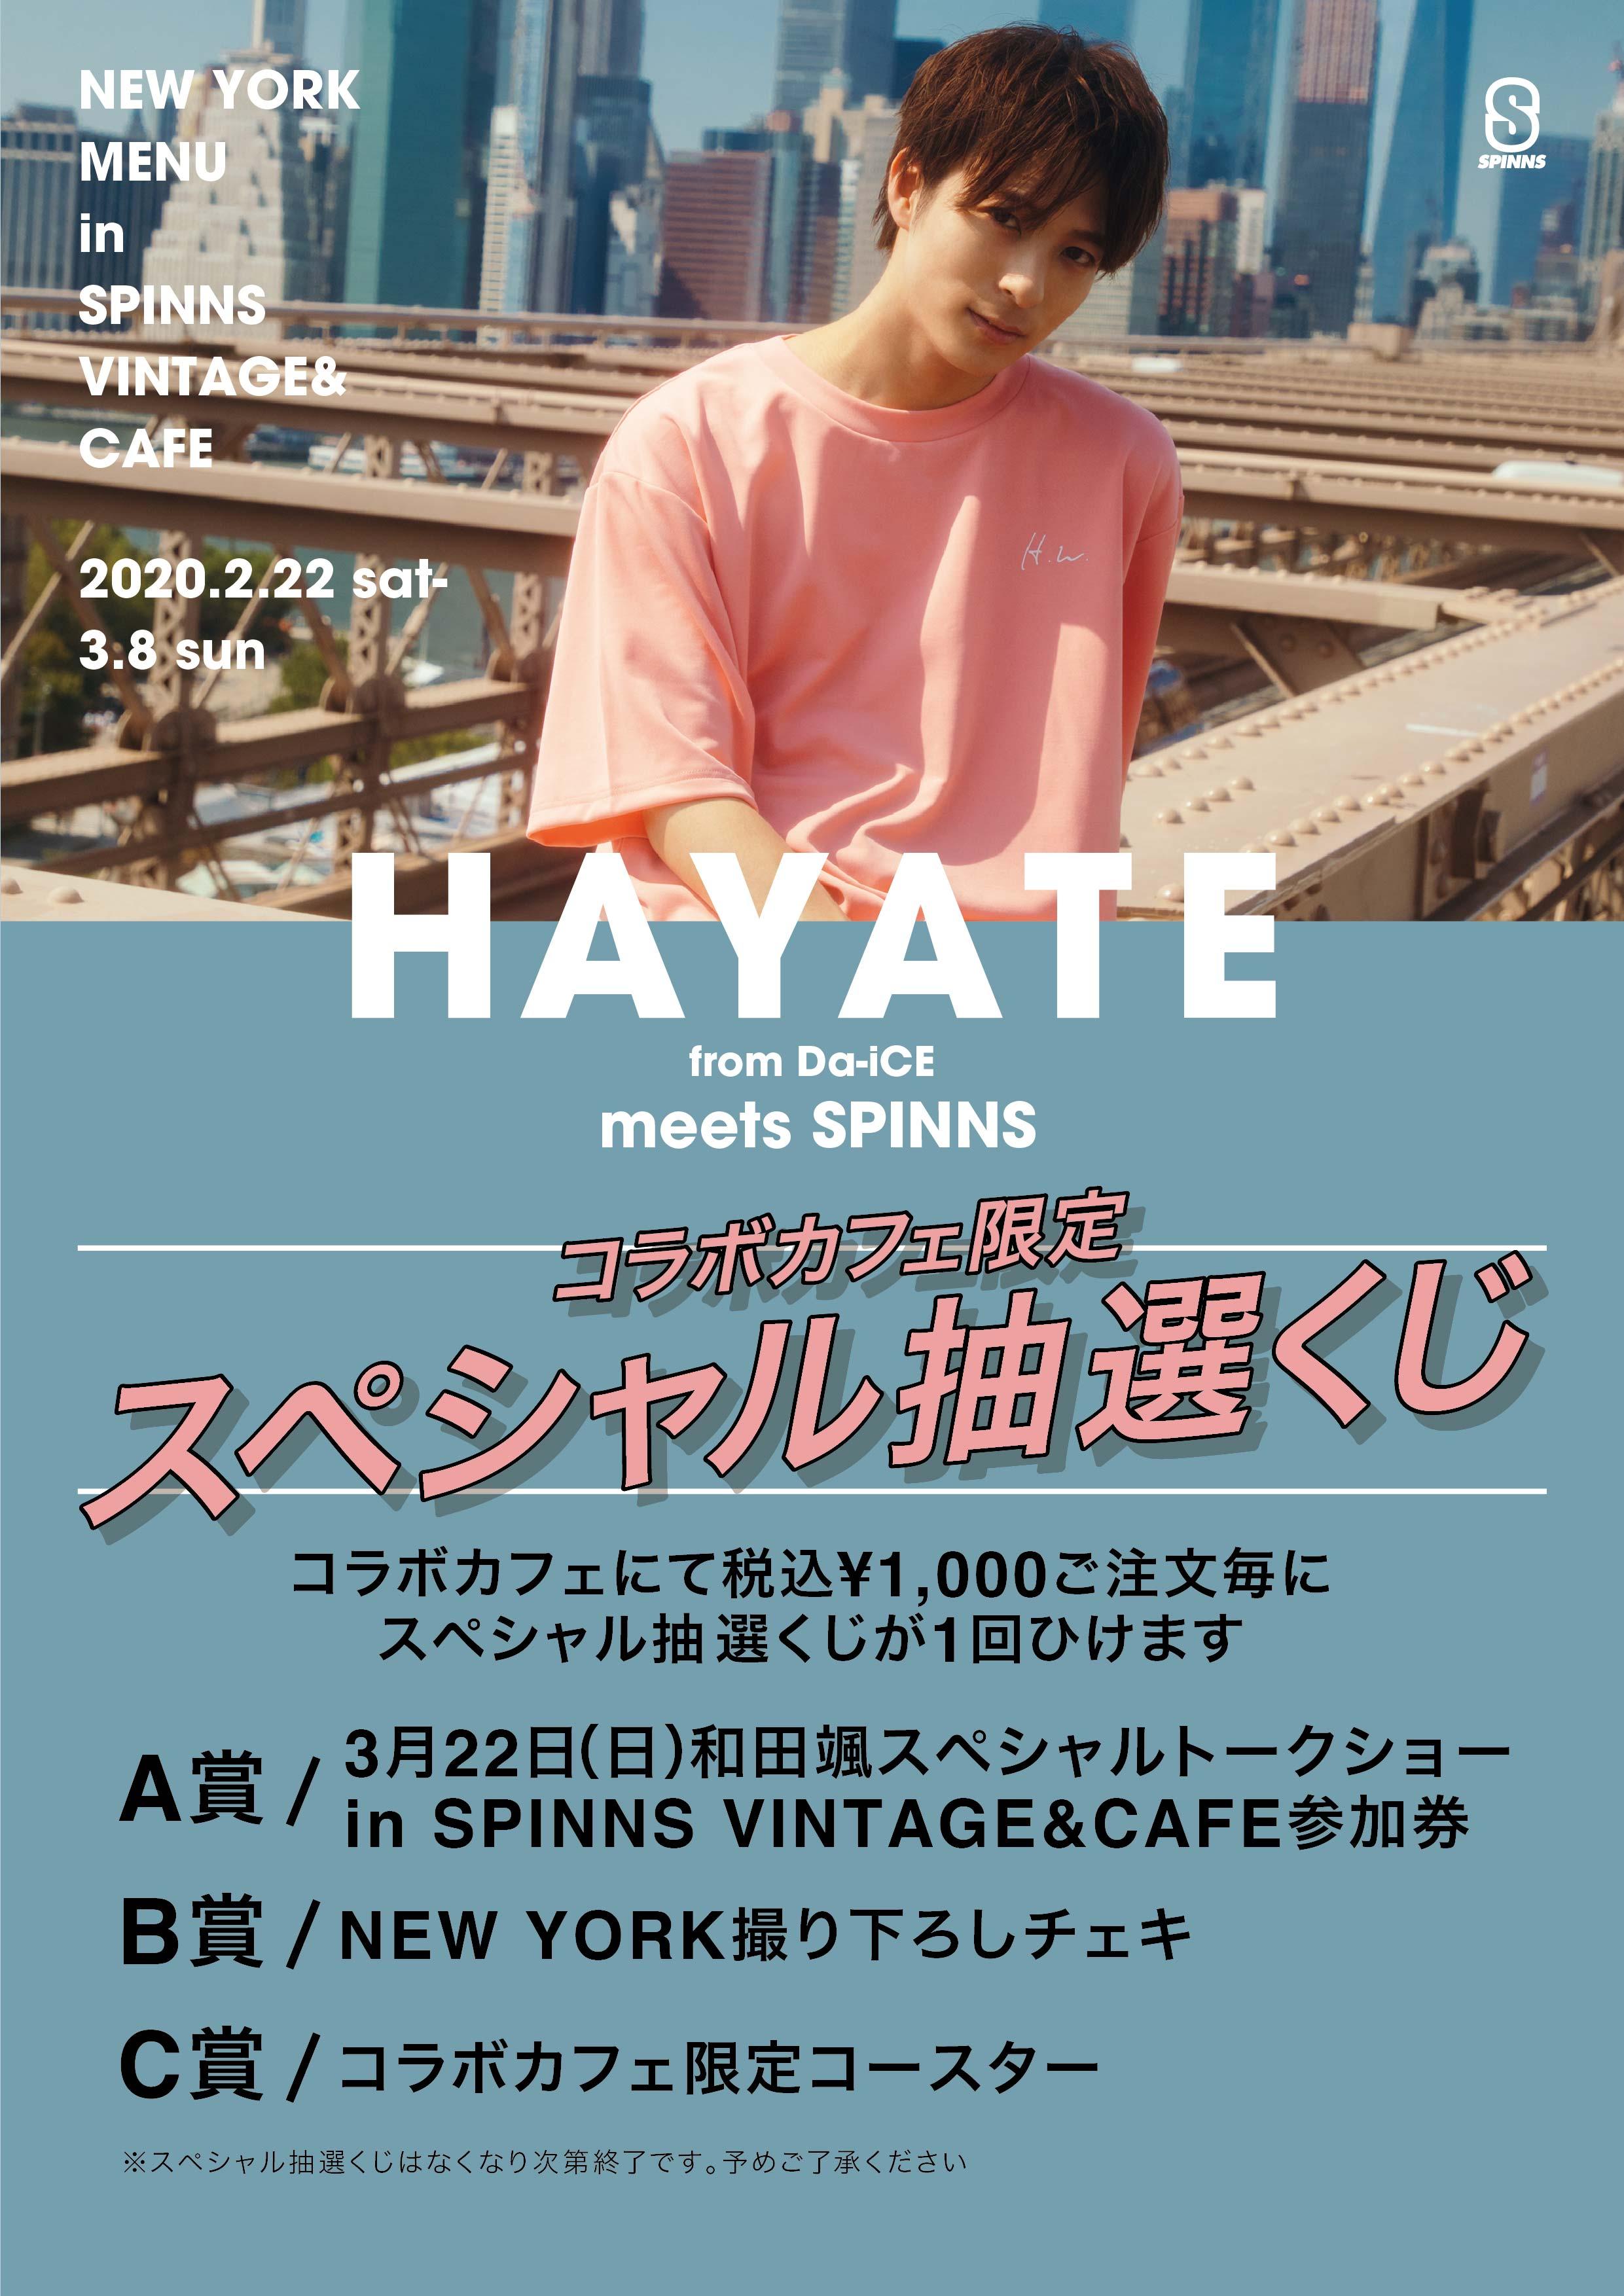 Da-iCEのパフォーマー和田颯とSPINNSのコラボレーションが始動!HAYATE(From Da-iCE)meets SPINNS